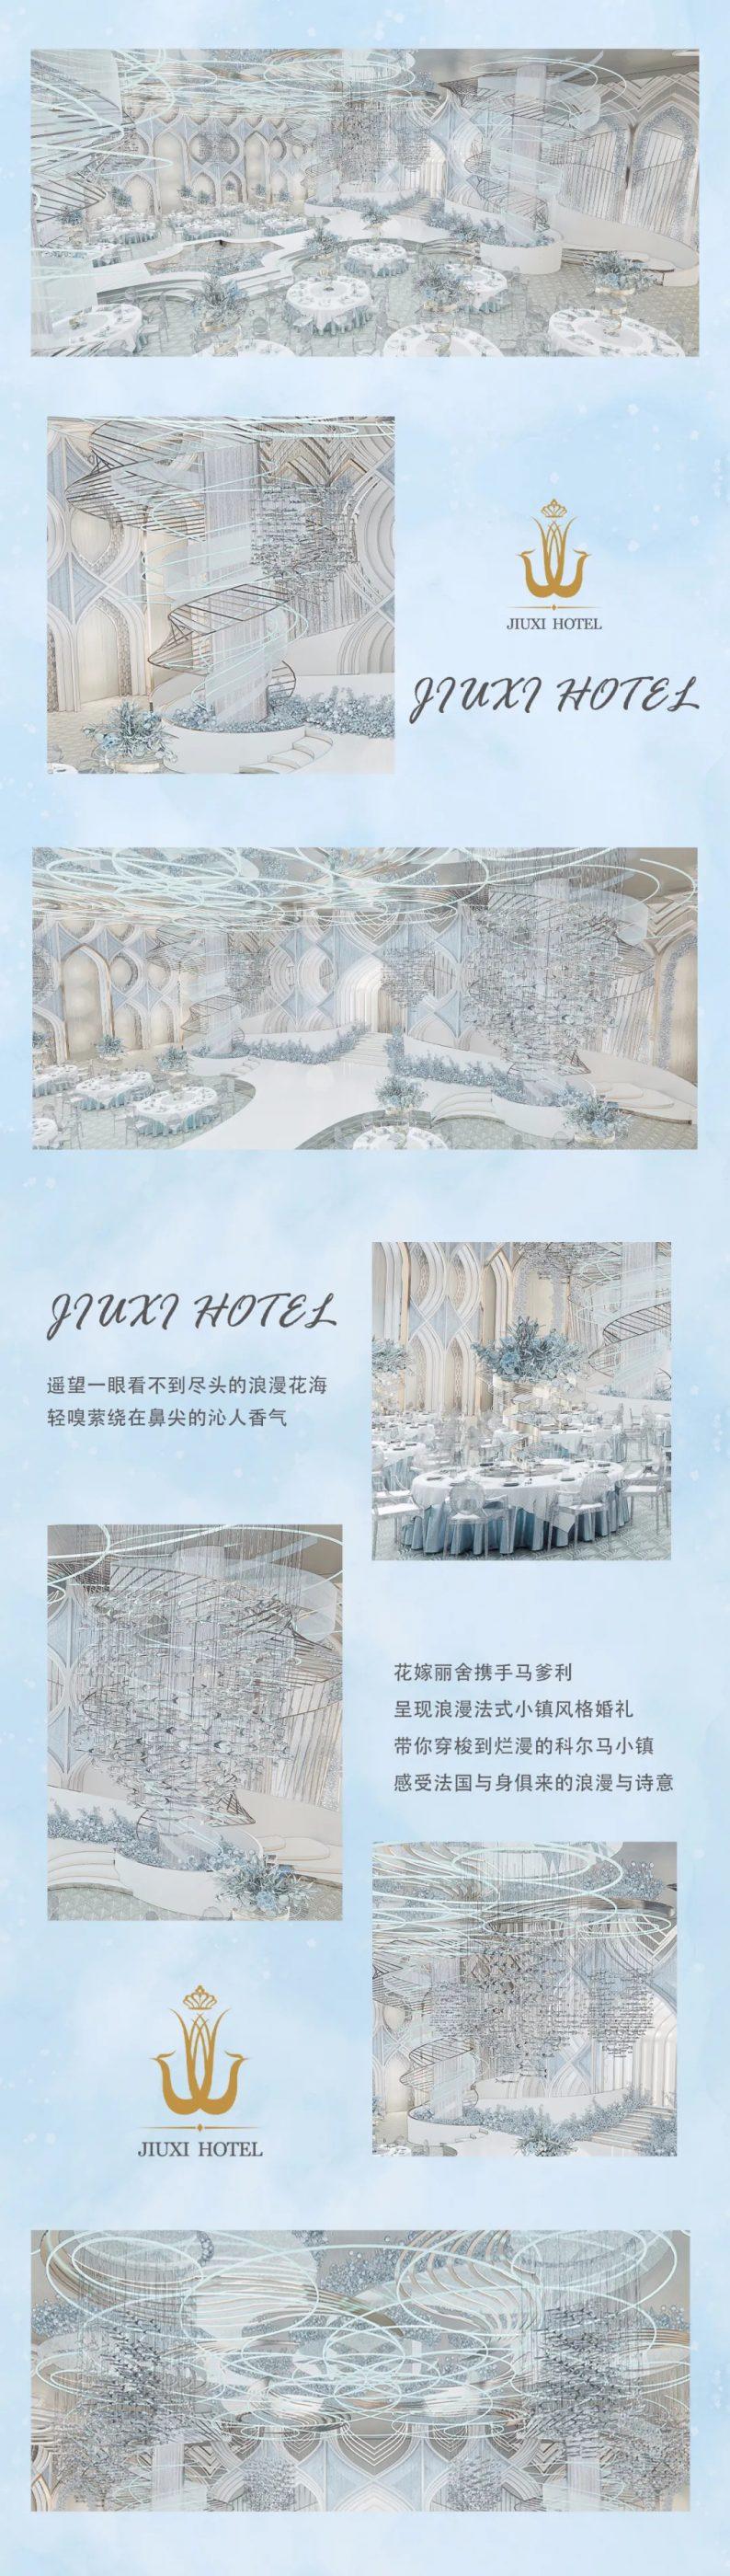 婚礼堂发布:3.4万平、投资3.2亿!赖梓愈打造百万级粉色宫殿  第5张